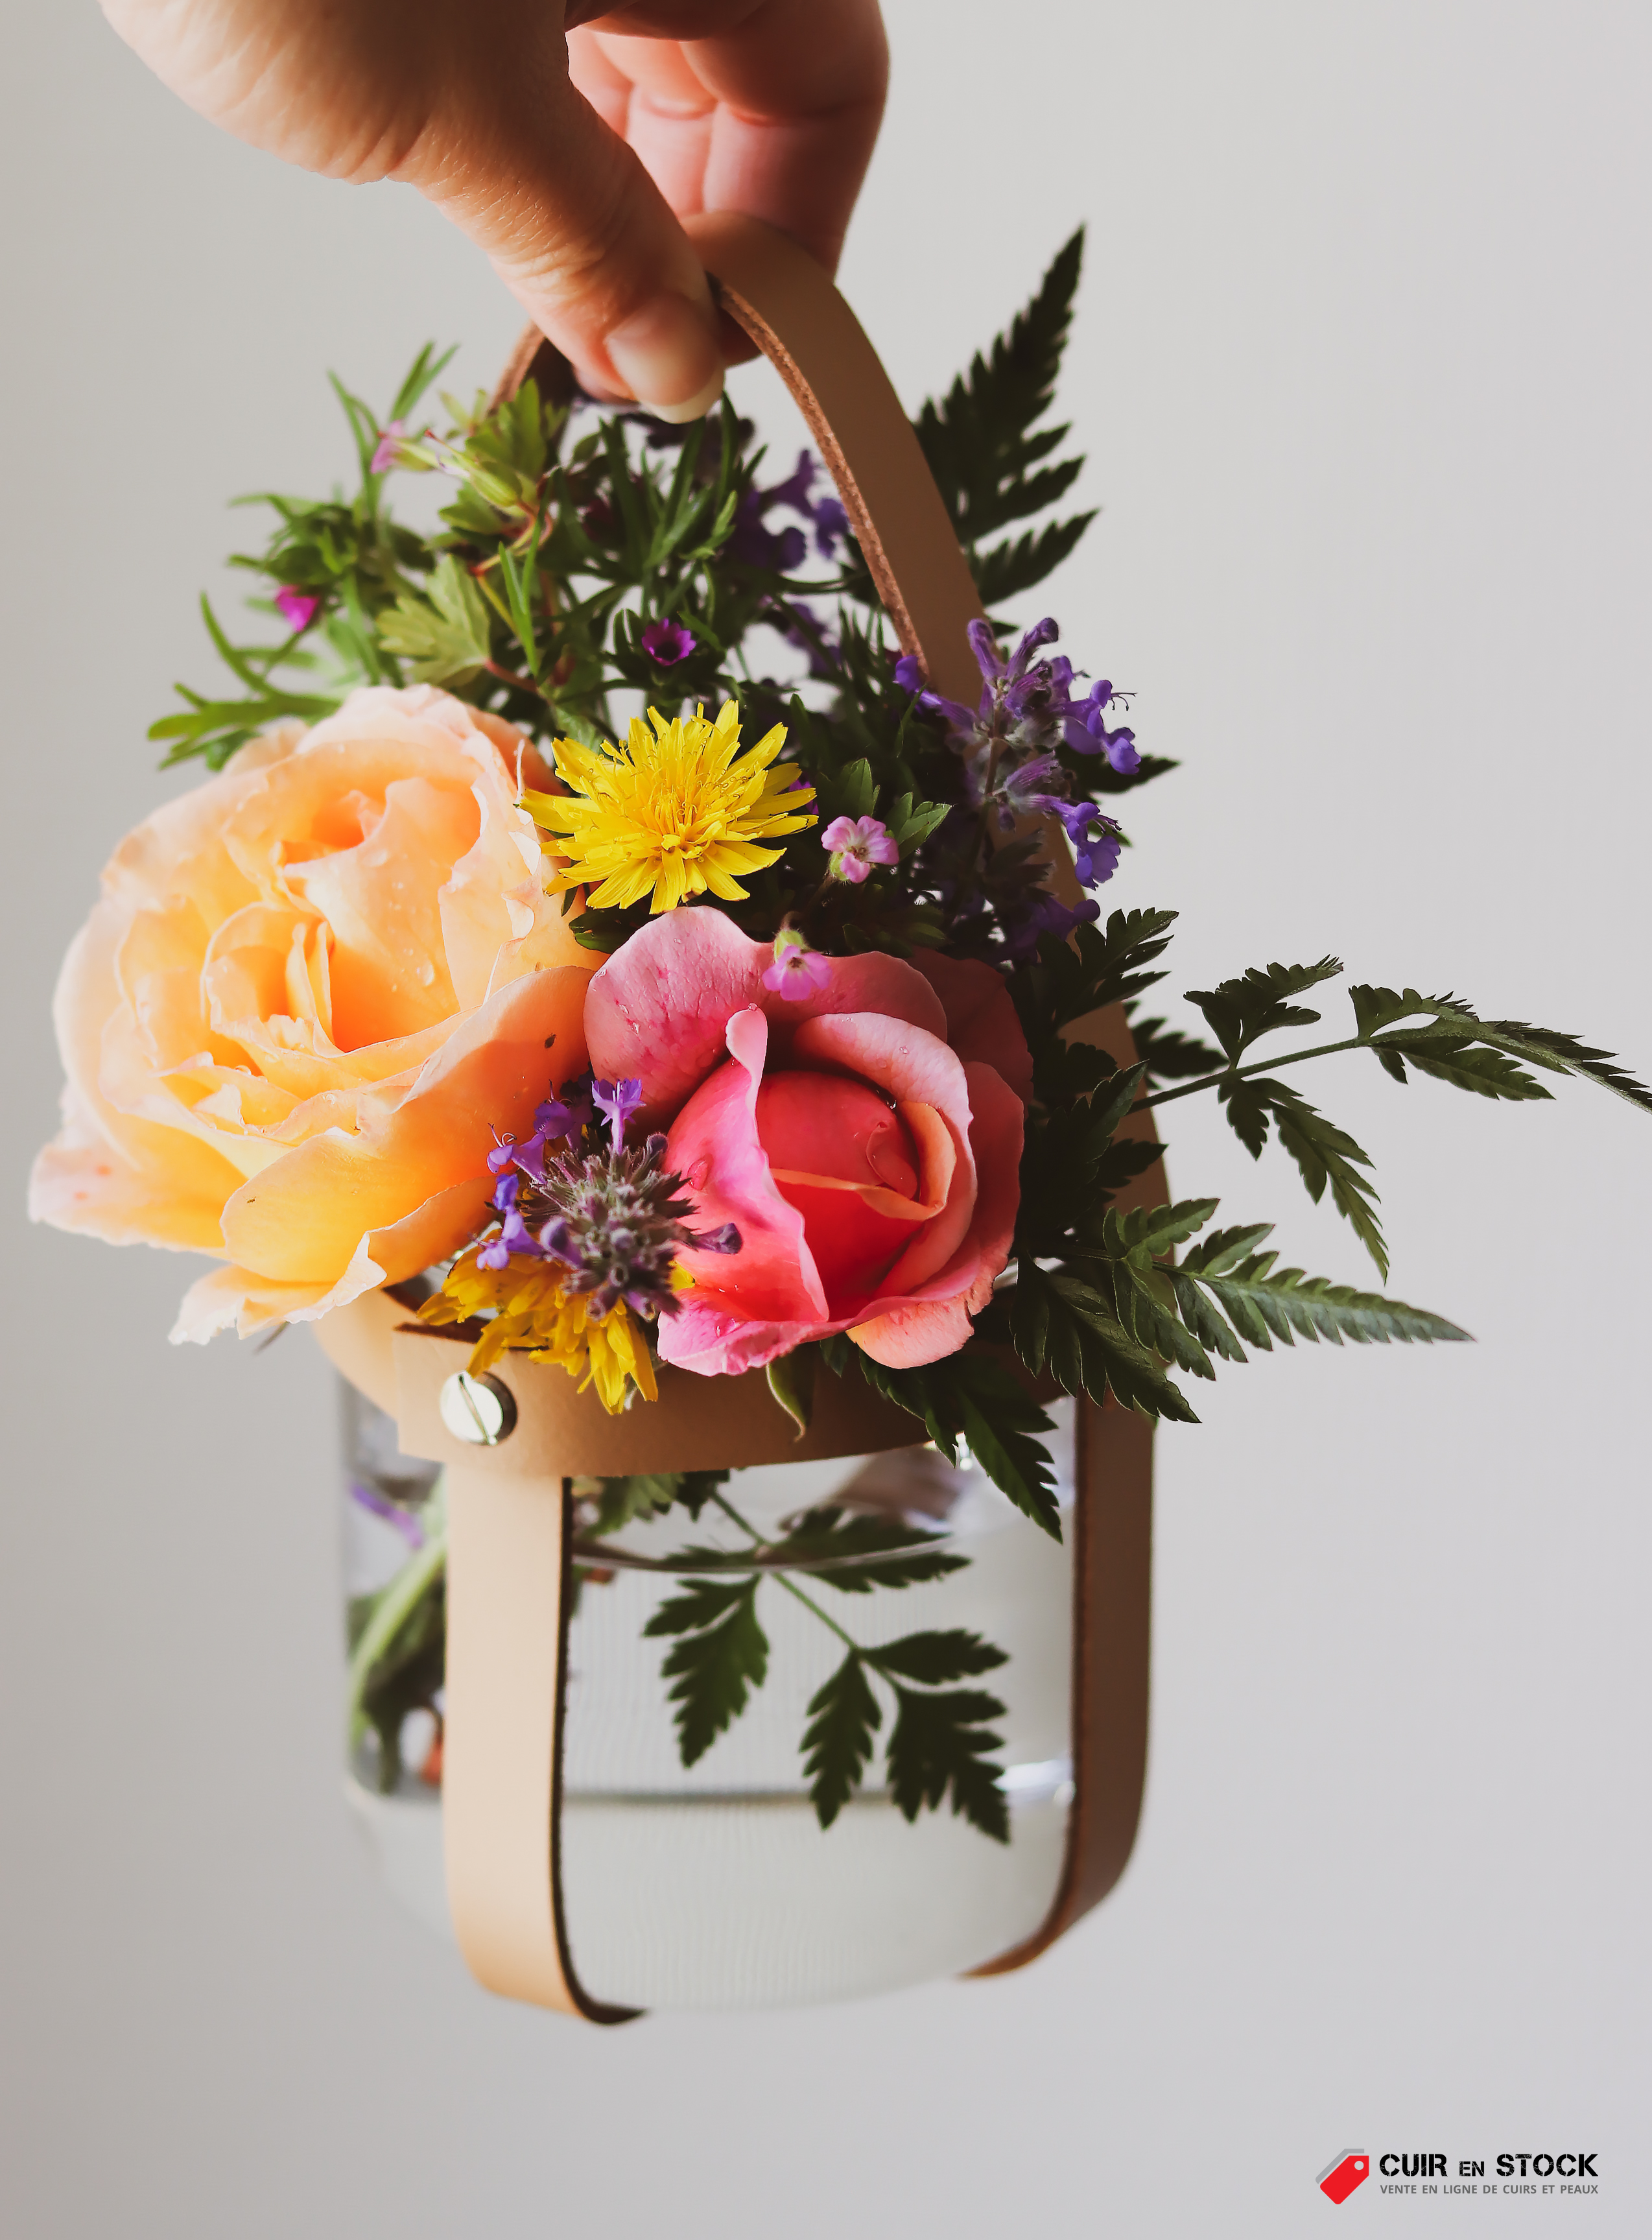 DIY comment réaliser une suspension florale - Cuir en Stock